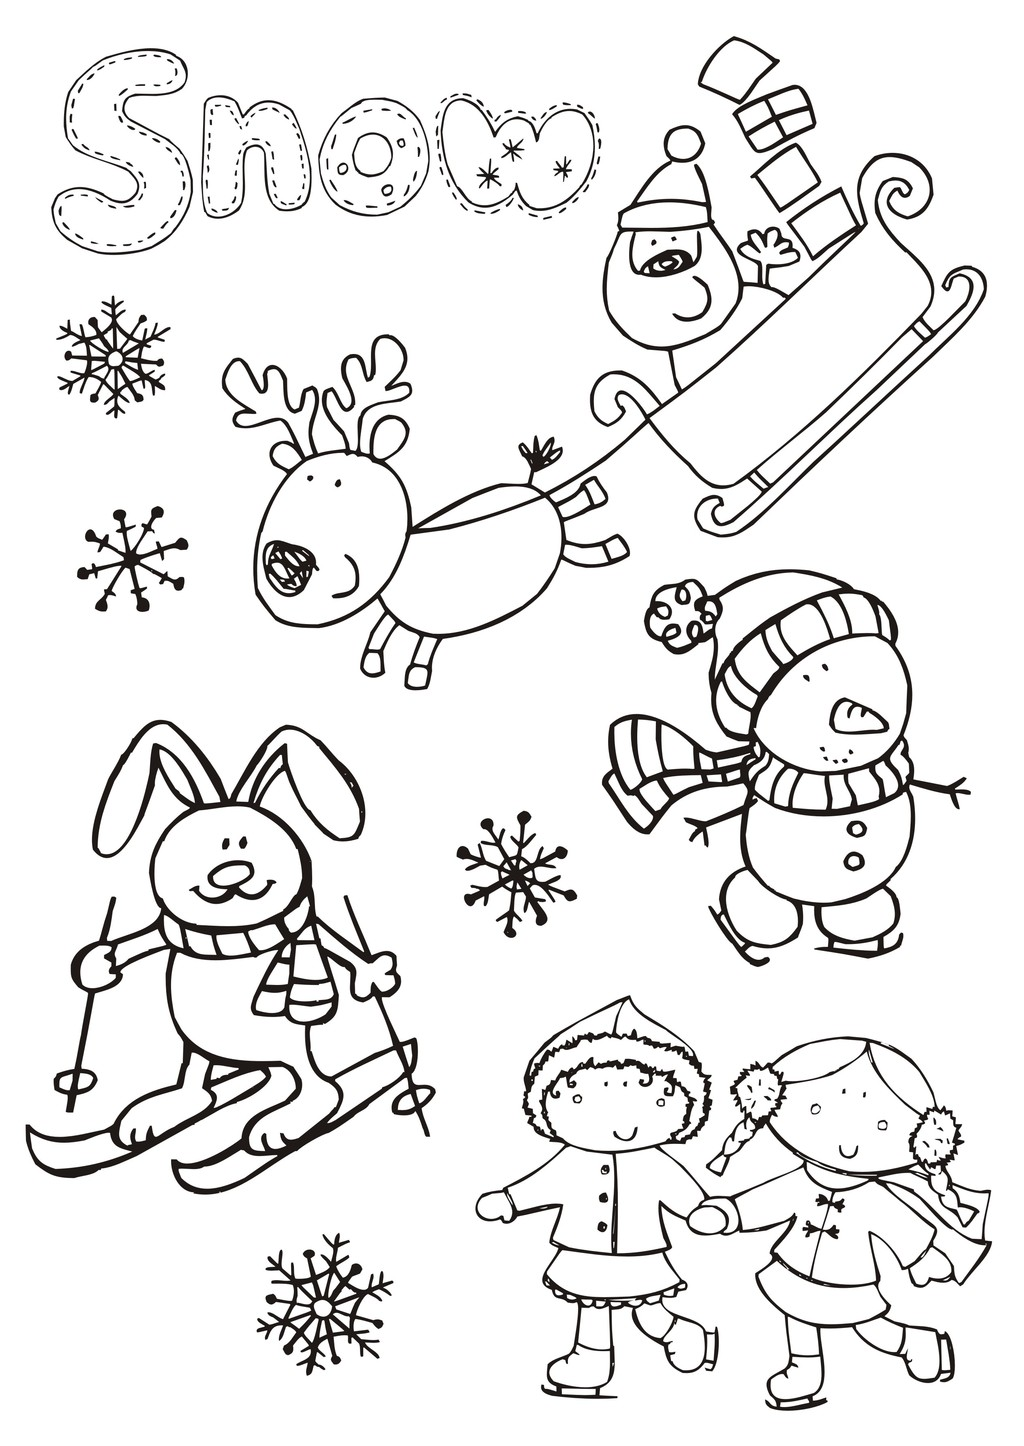 卡通动物简笔画圣诞节元素图片设计素材 高清其他模板下载 0.95MB